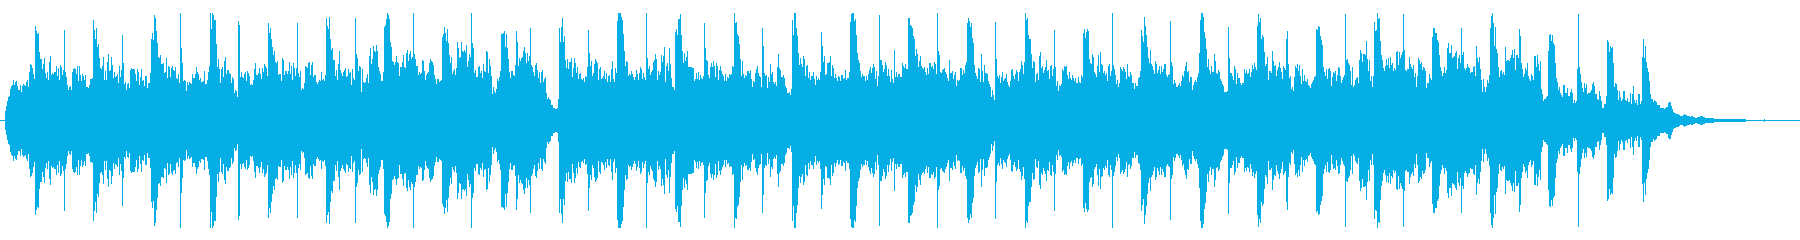 オリエンタルな子守歌の再生済みの波形